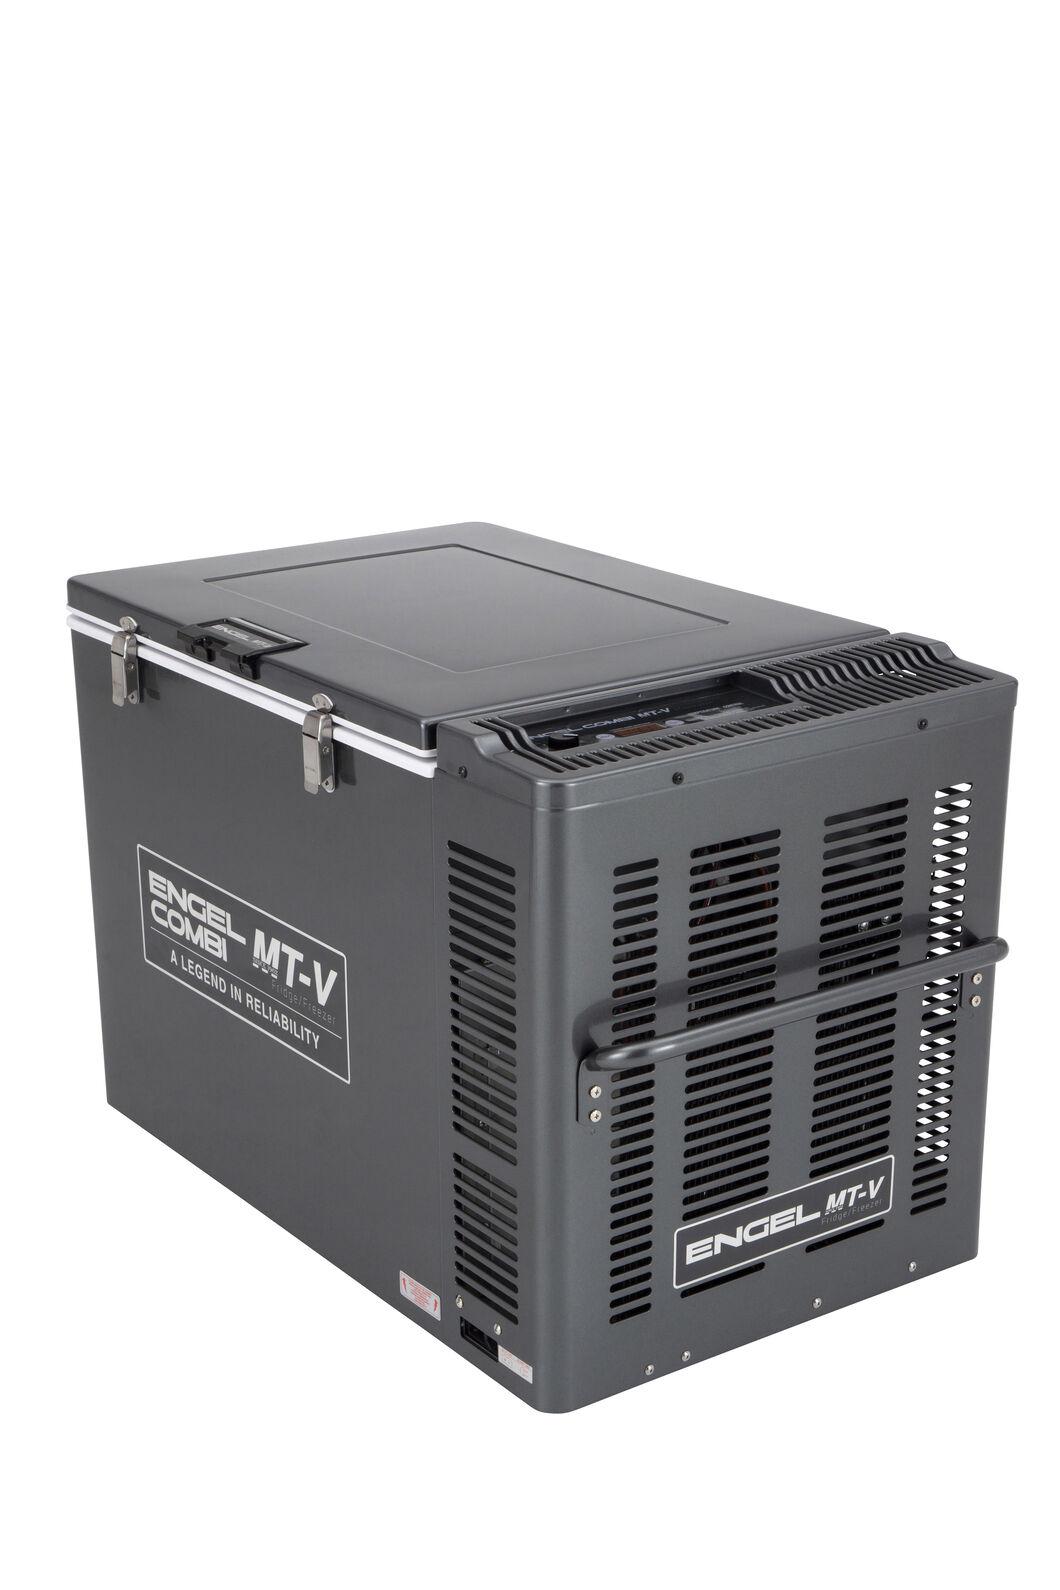 Engel MT-V80FC Combi Fridge Freezer — 80L, None, hi-res